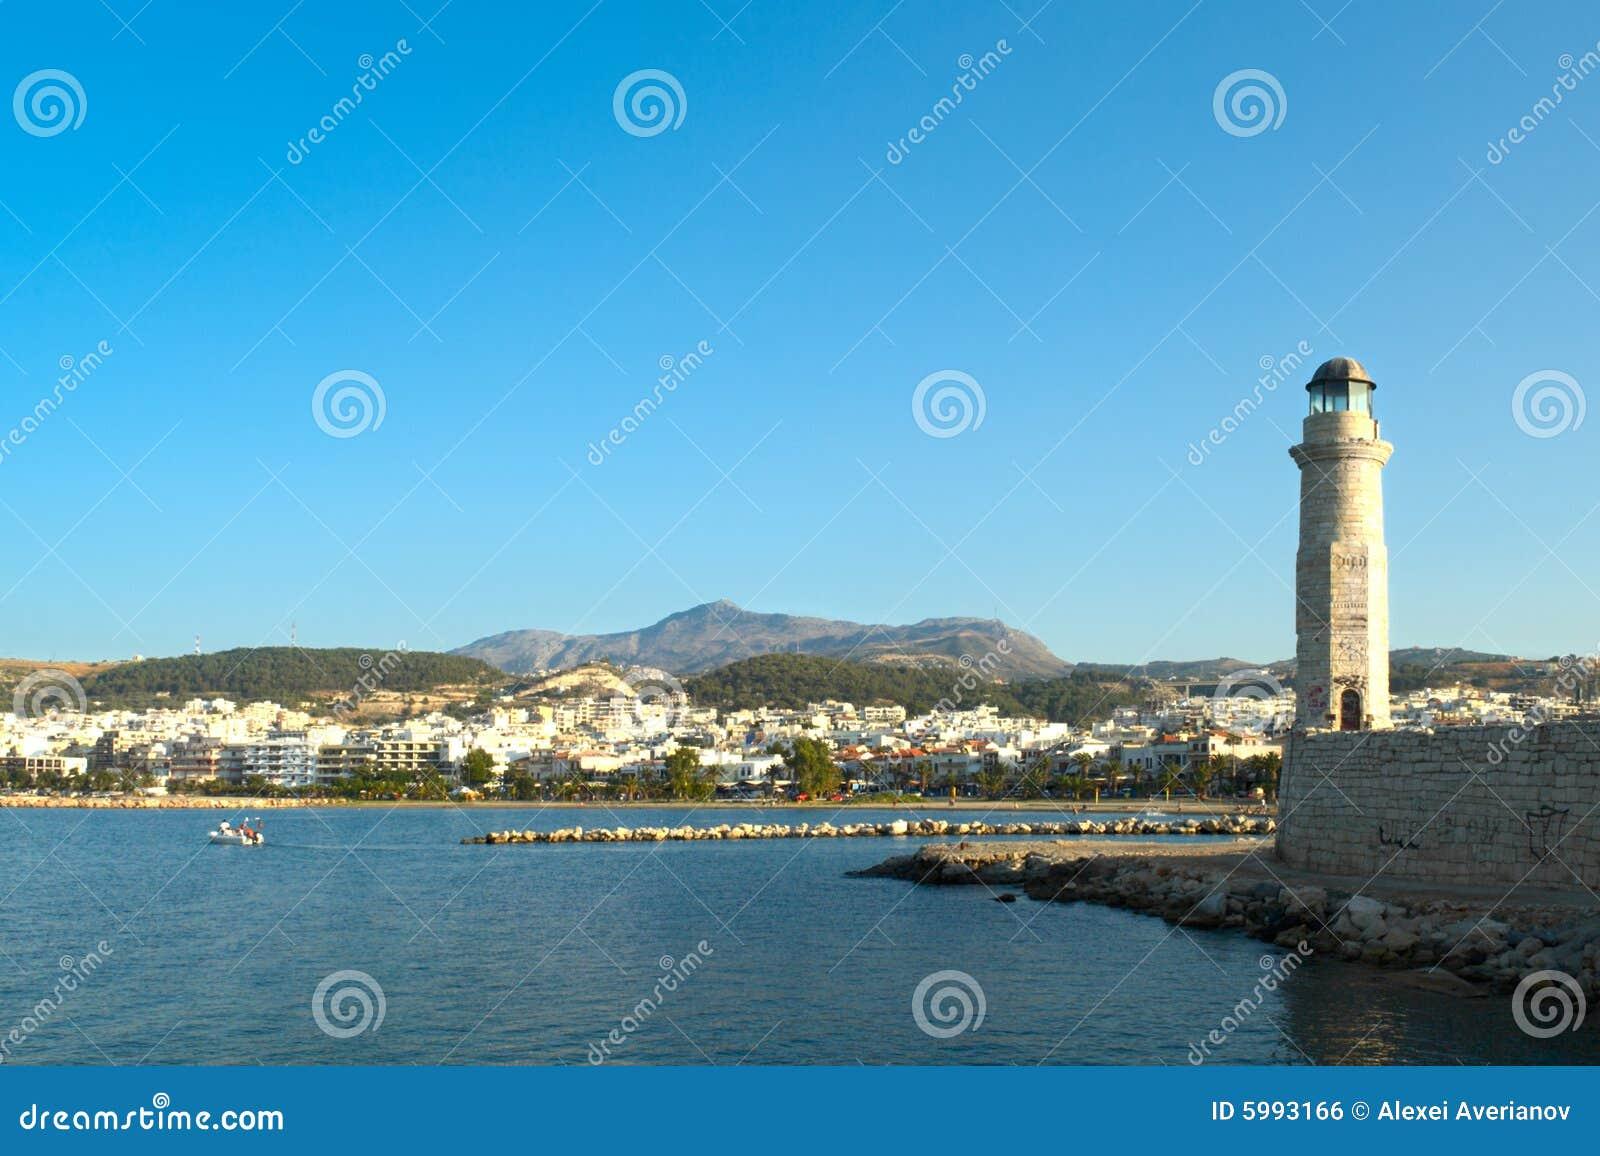 Bahía de Rethymno. Crete.